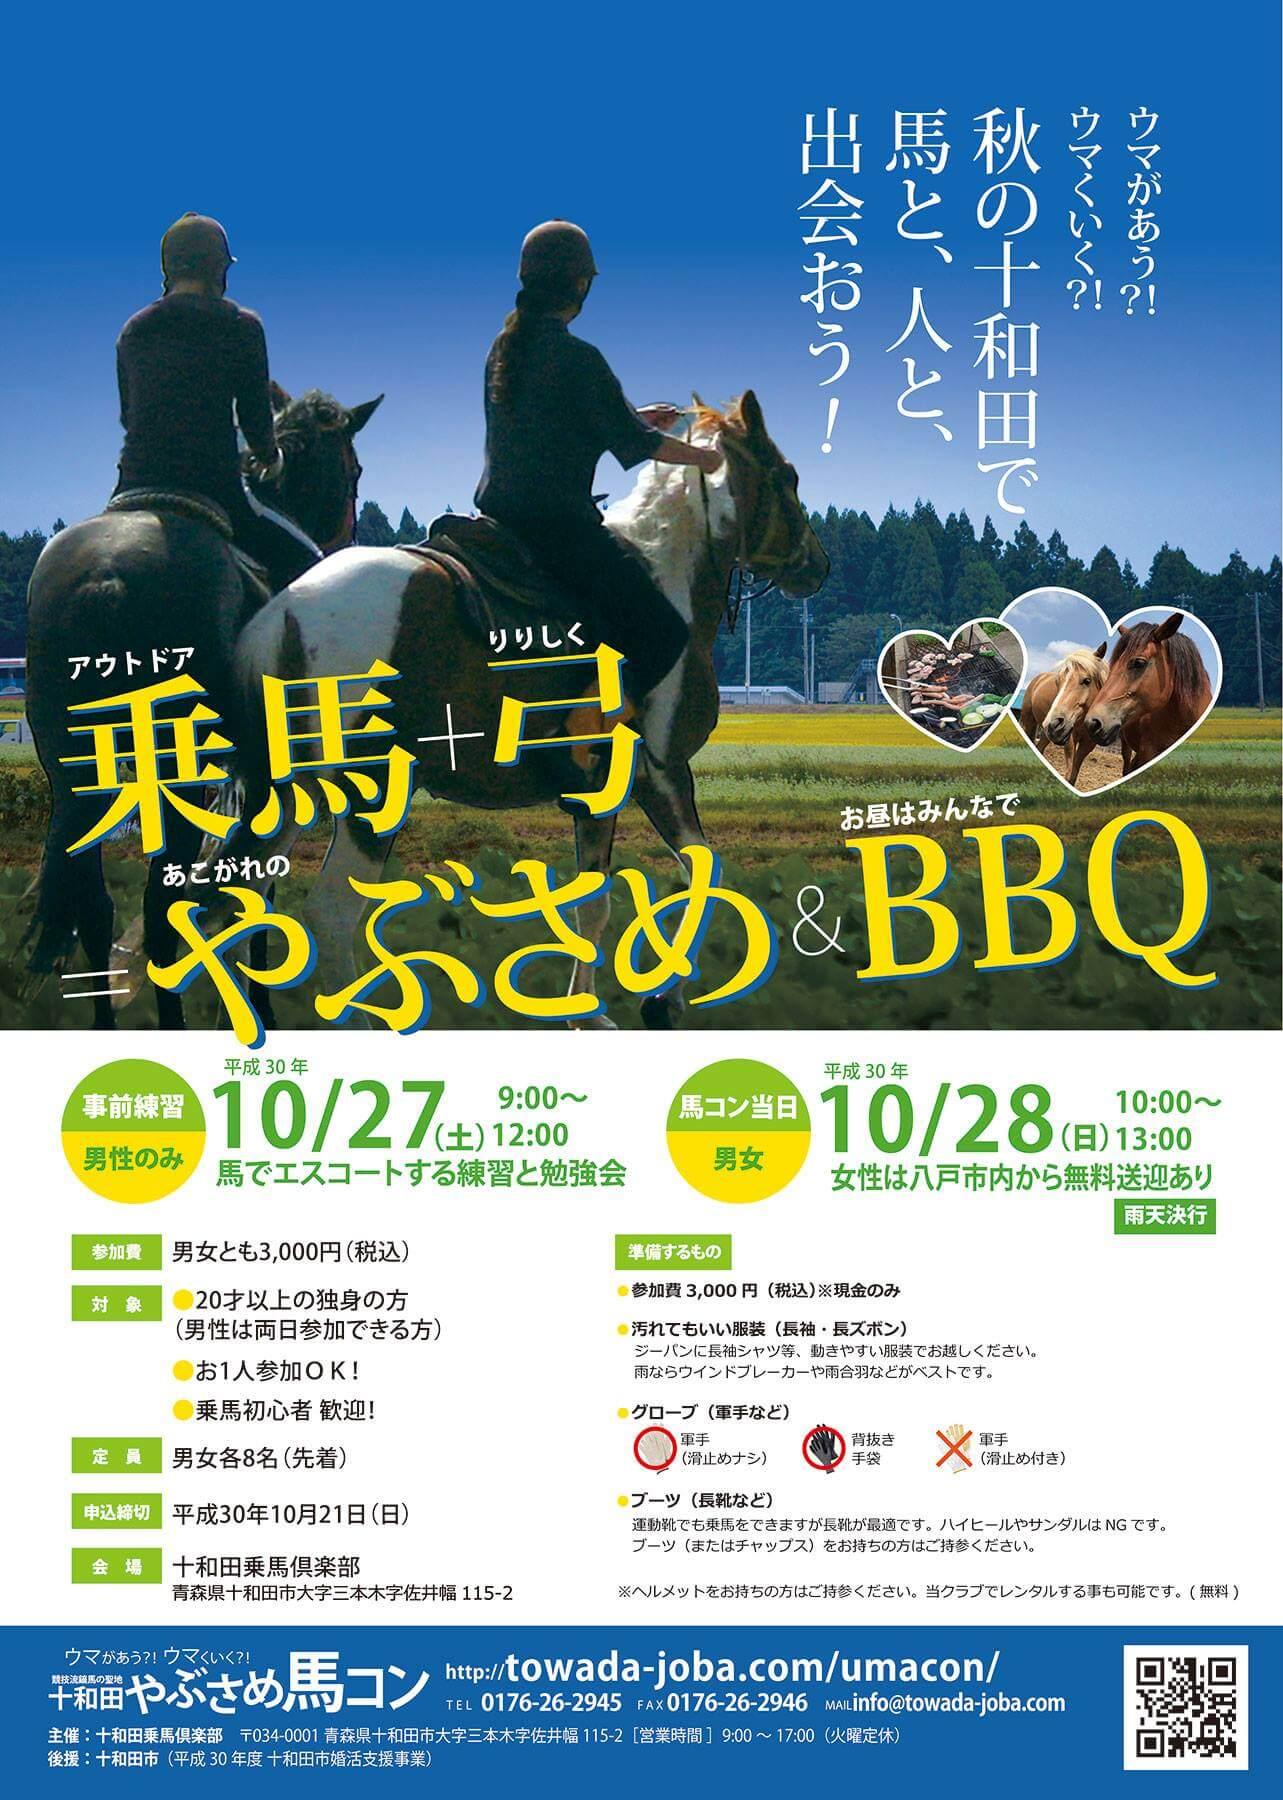 十和田やぶさめ馬コン開催! ウマがあう⁈ ウマくいく⁈ 秋の十和田で馬と、人と、出会おう!